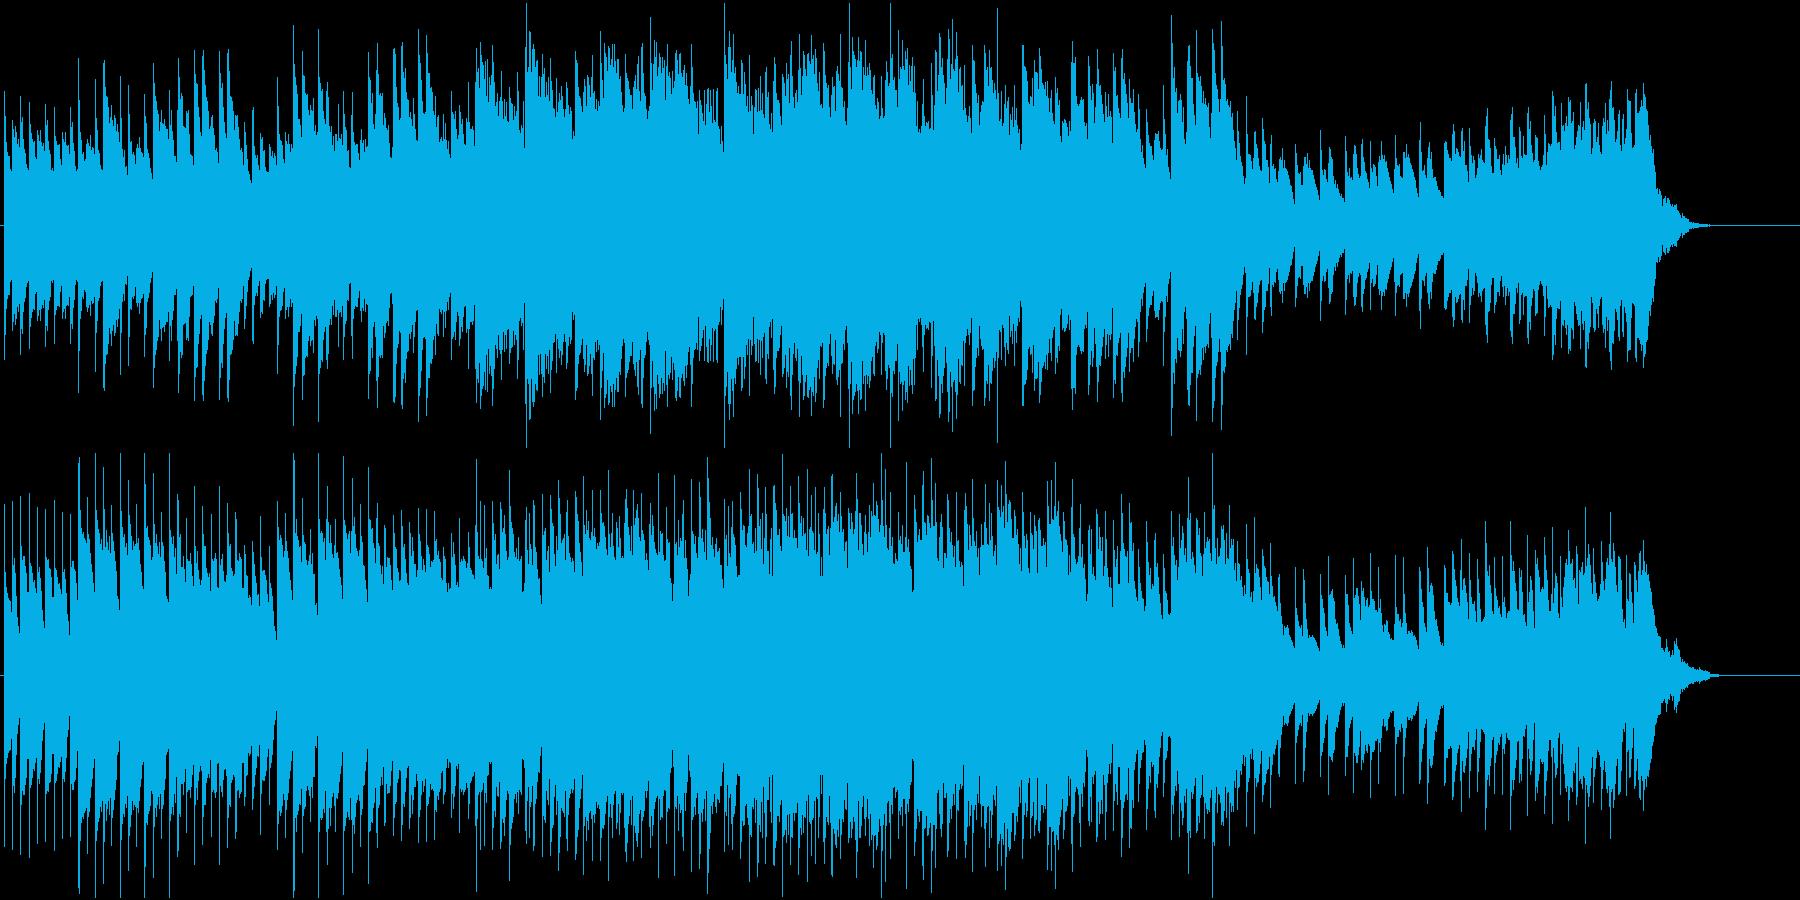 怪しい場面にピッタリの再生済みの波形